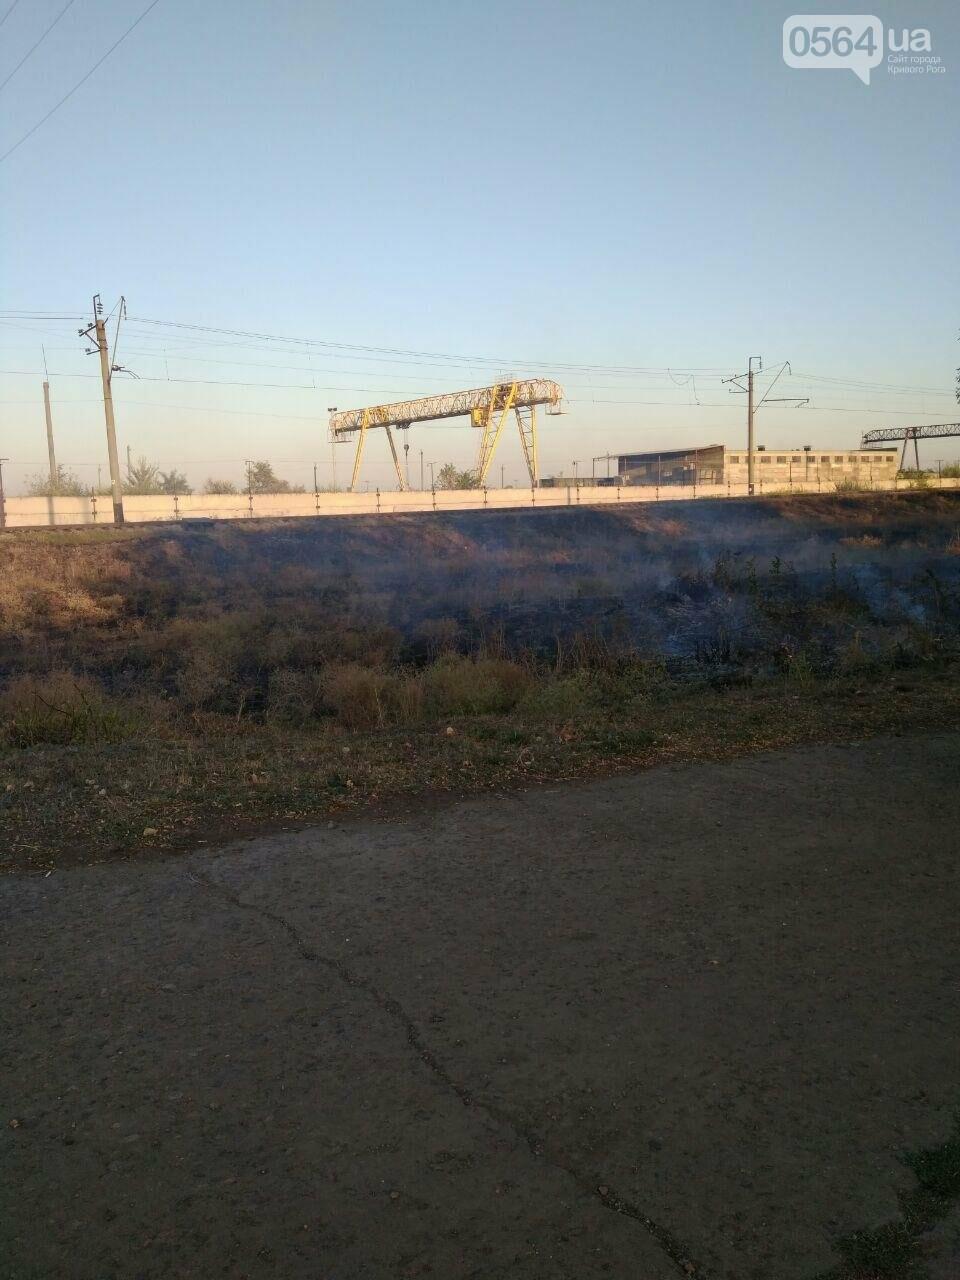 В Криворожском районе загорелась лесопосадка возле железной дороги, - ФОТО , фото-6